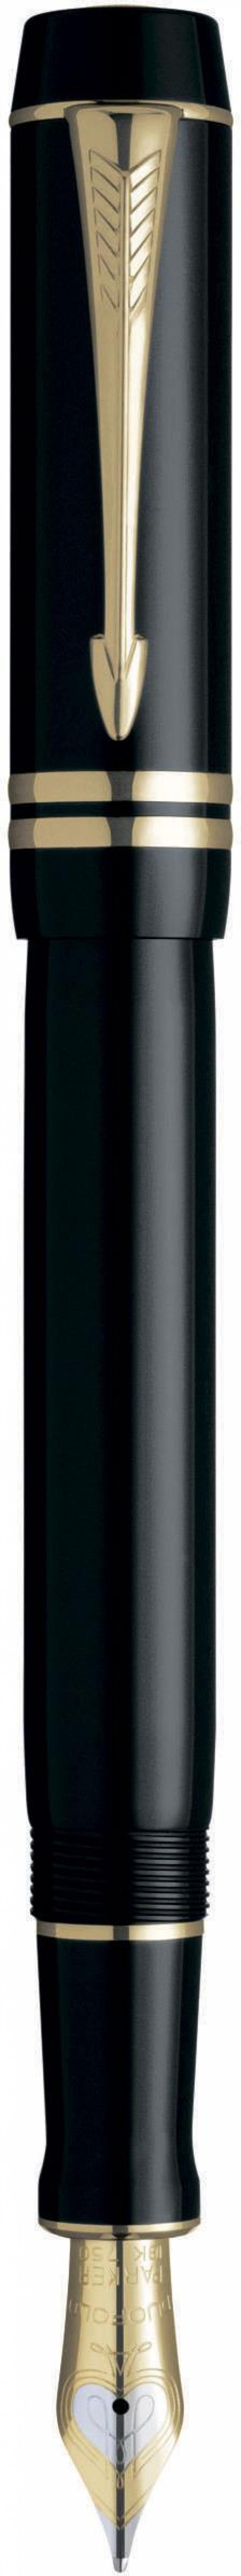 Ручка перьевая Parker Duofold F77 перо F черный S0690330 parker перьевая ручка parker parker s0690560